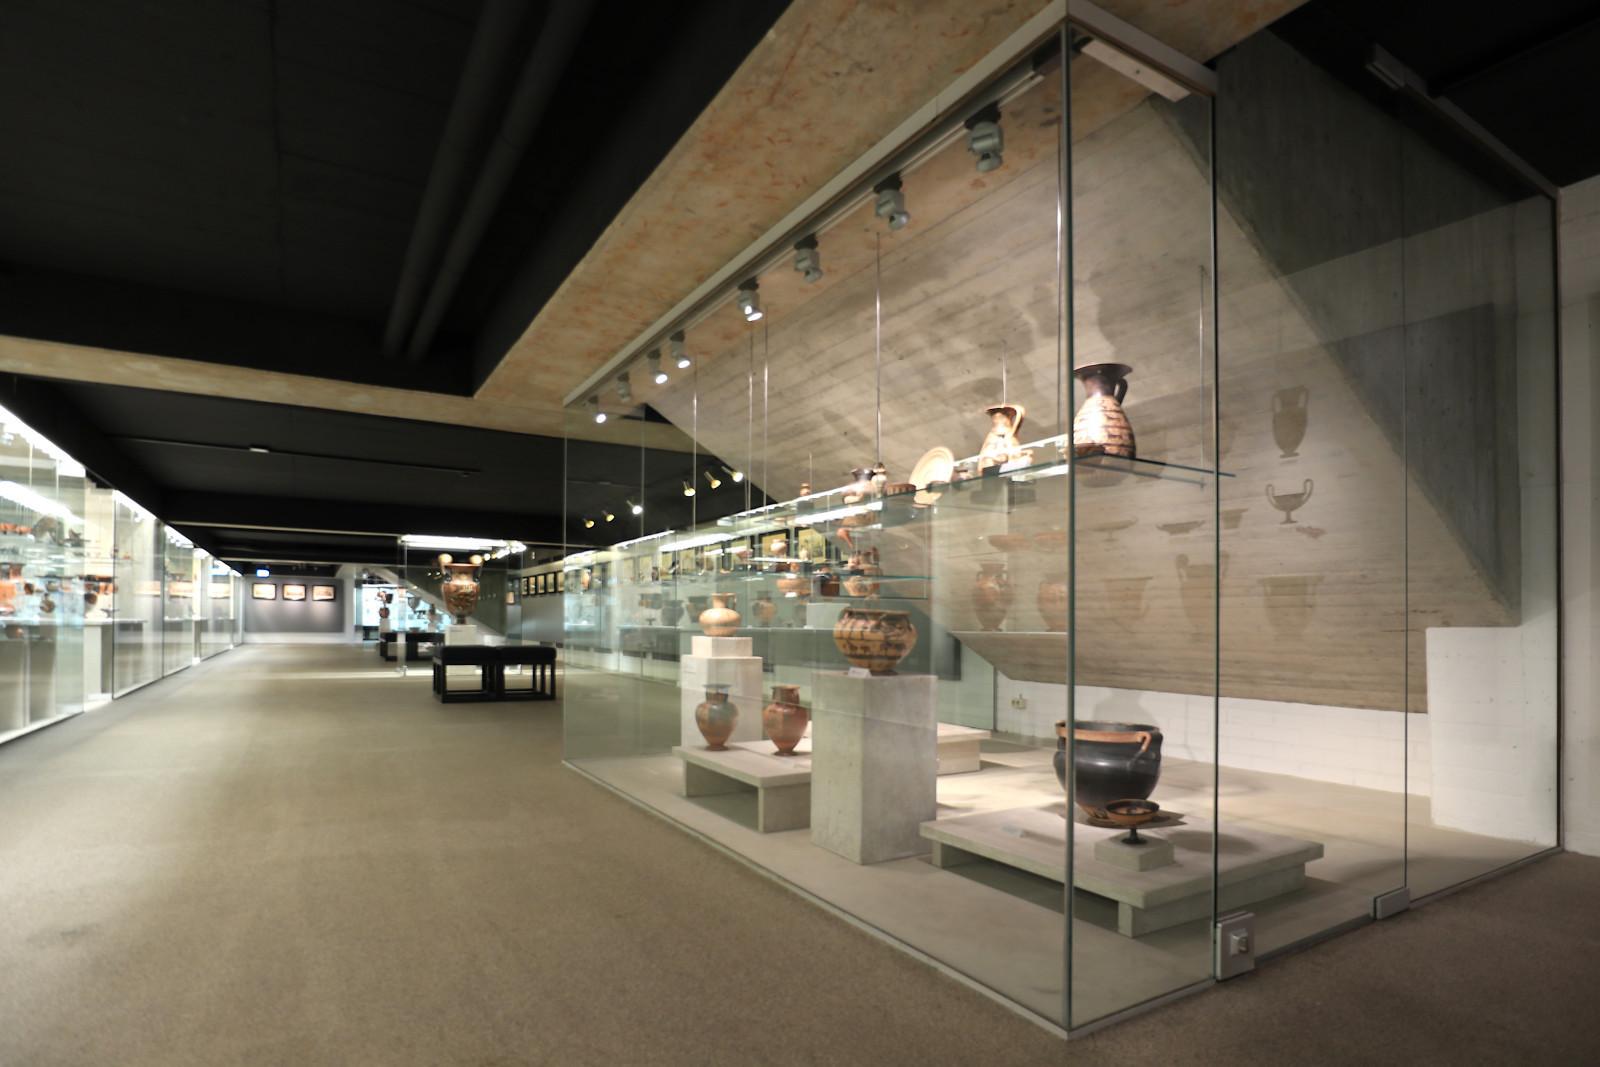 Kunstsammlungen der Ruhr-Universität Bochum Campusmuseum. Sammlung Moderne.. Der Rundgang führt durch die Bereiche der Antiken- und Münzsammlung sowie zur Sammlung Moderner Kunst.